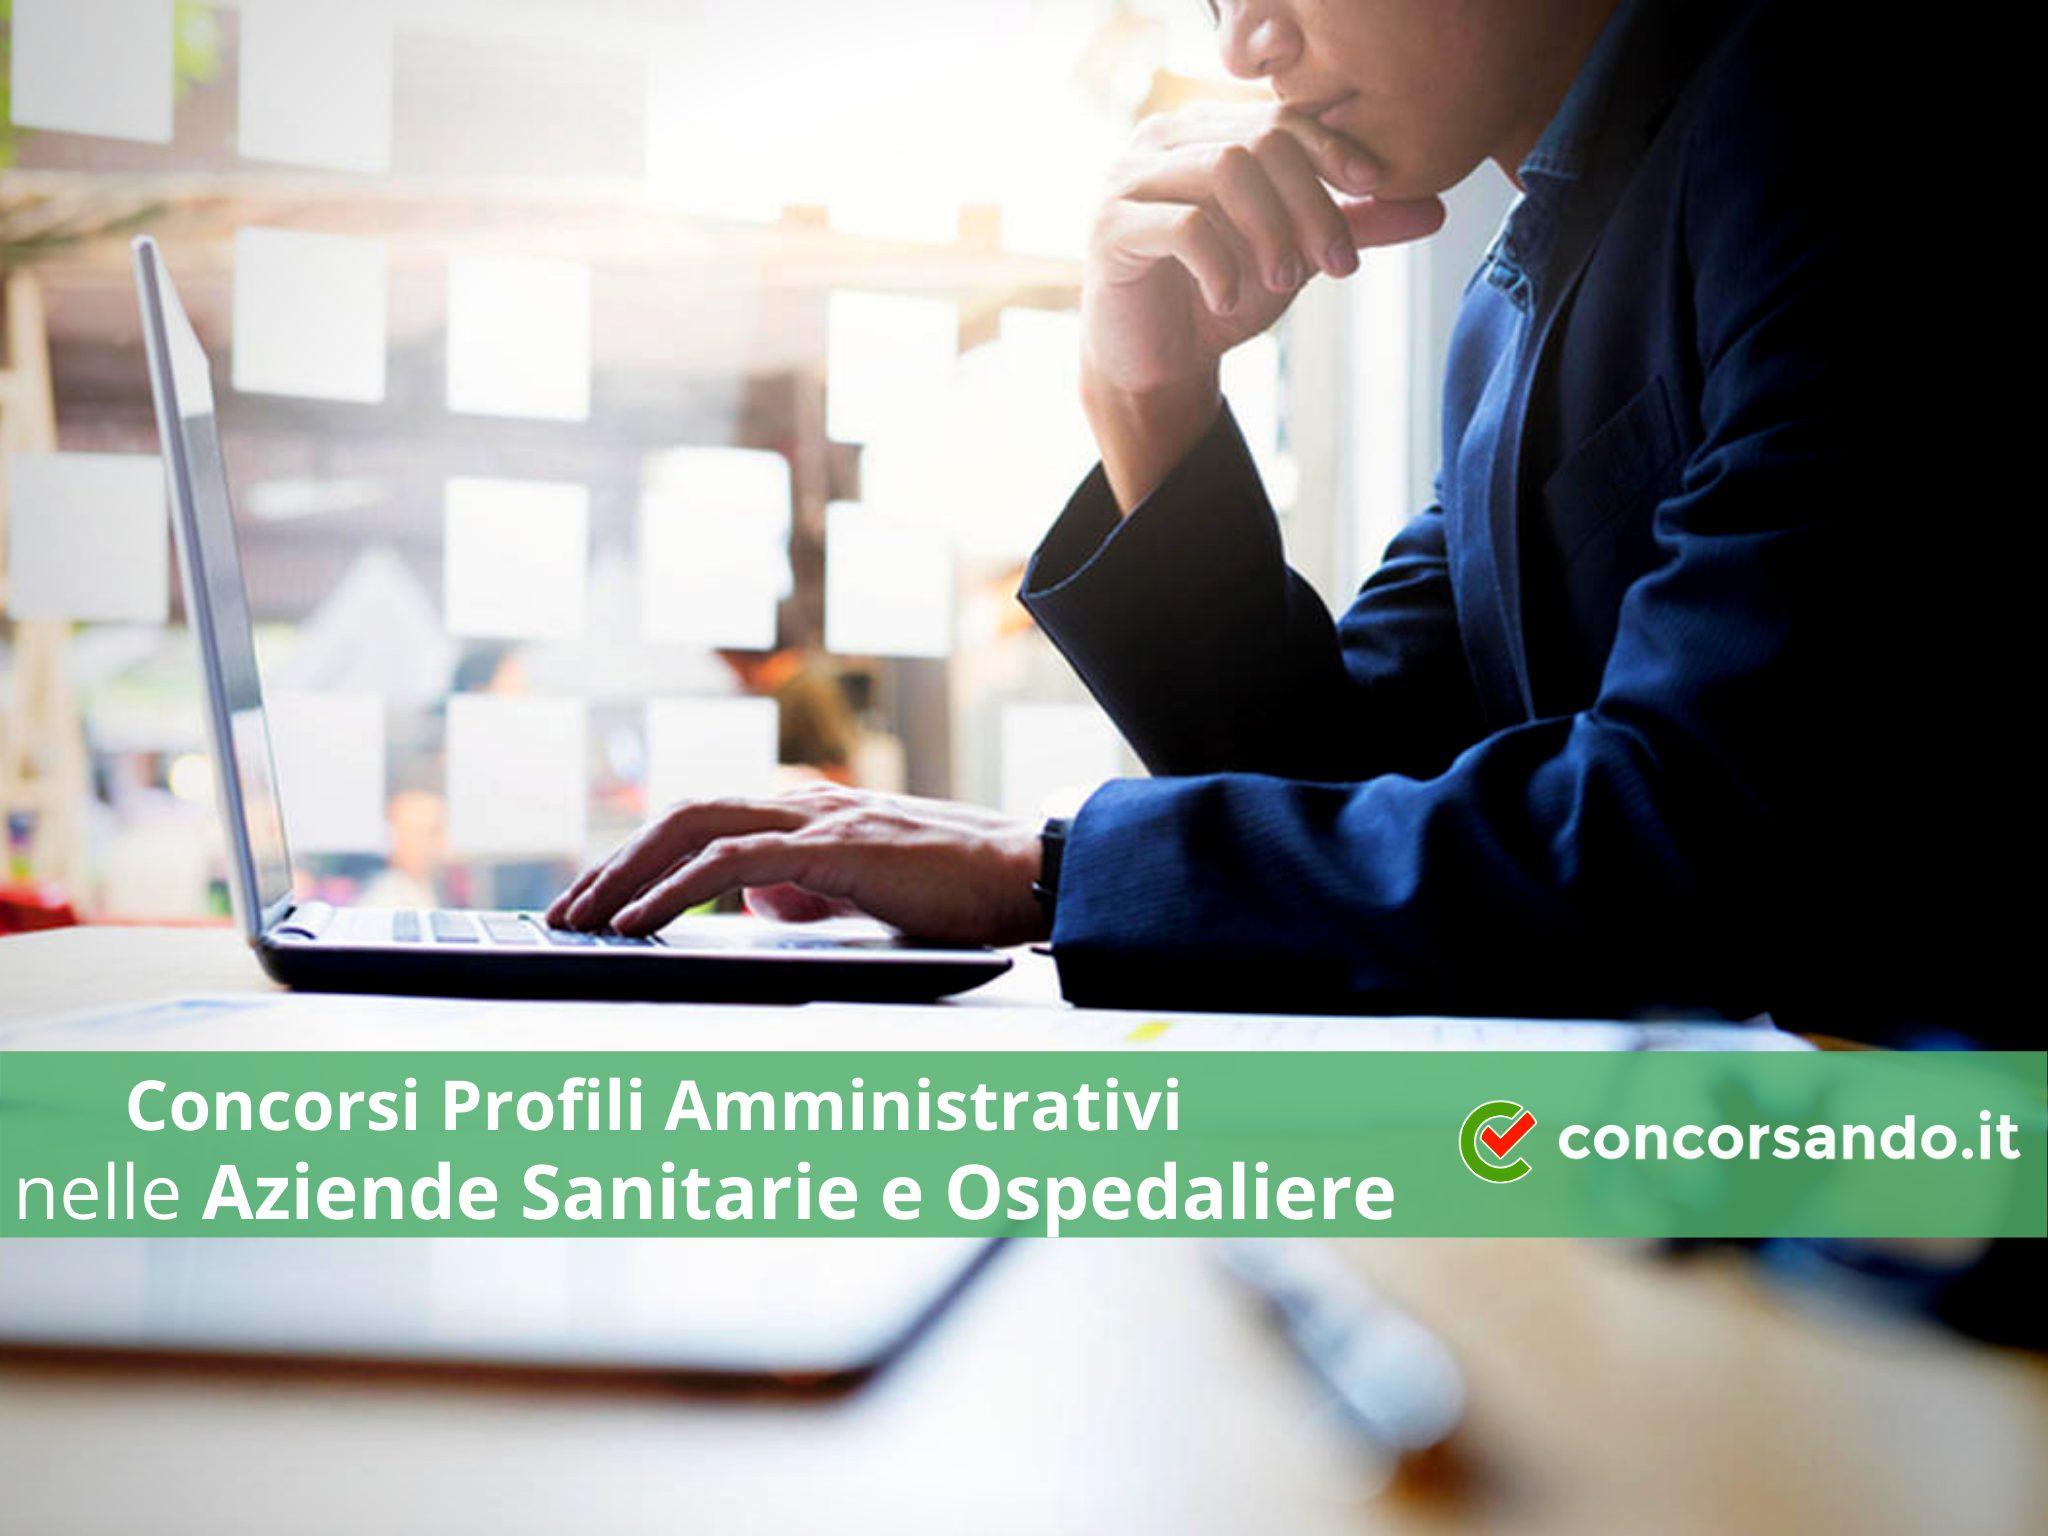 Concorsi Profili Amministrativi Aziende Sanitarie e Ospedaliere